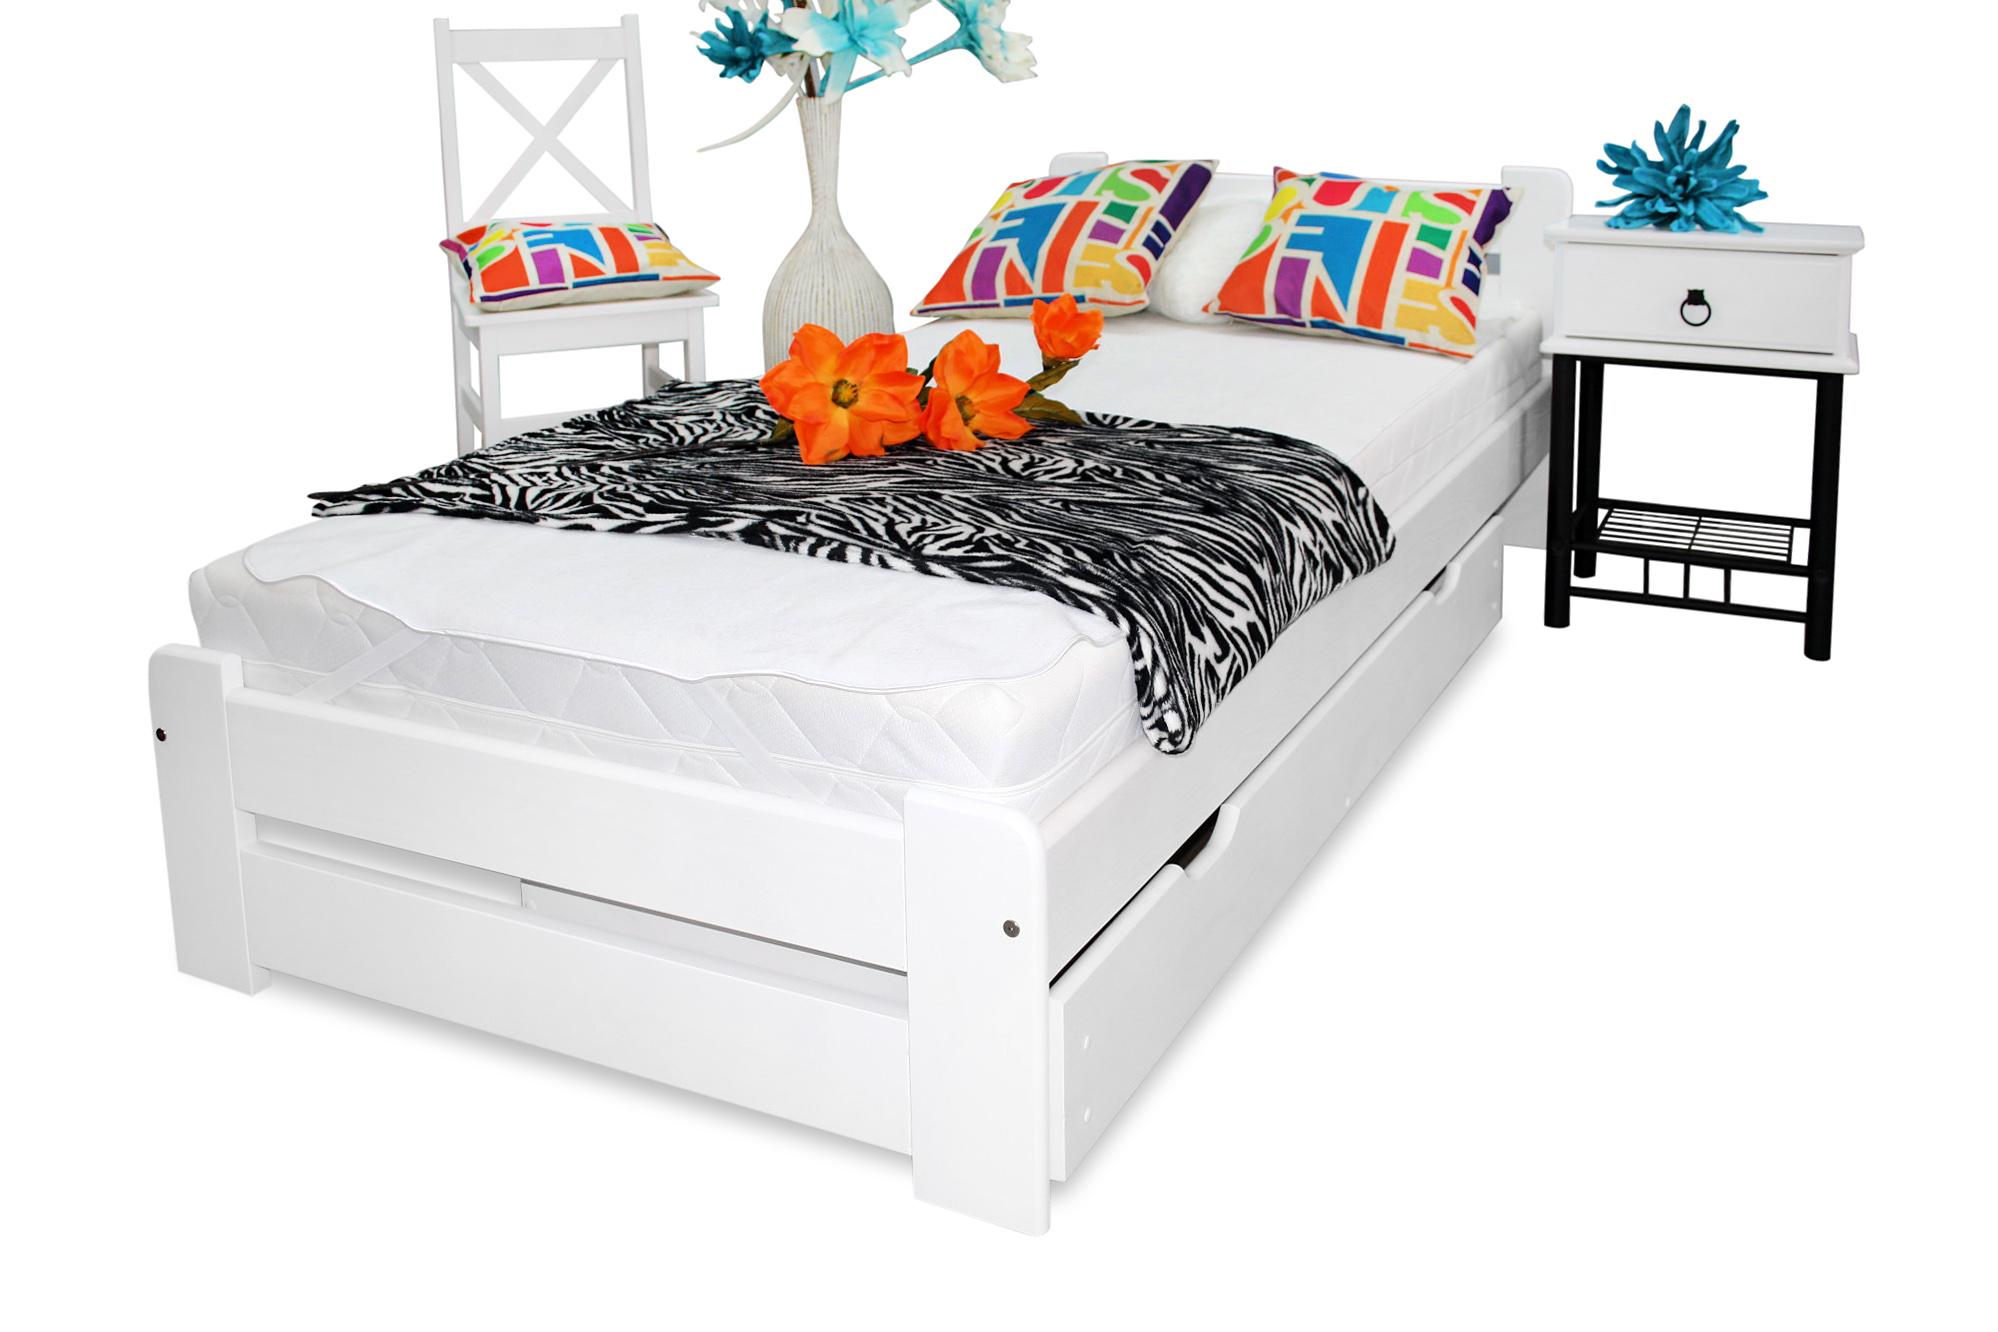 łóżko Eureka 100x200 Materac Sprężynowy Sypialnia